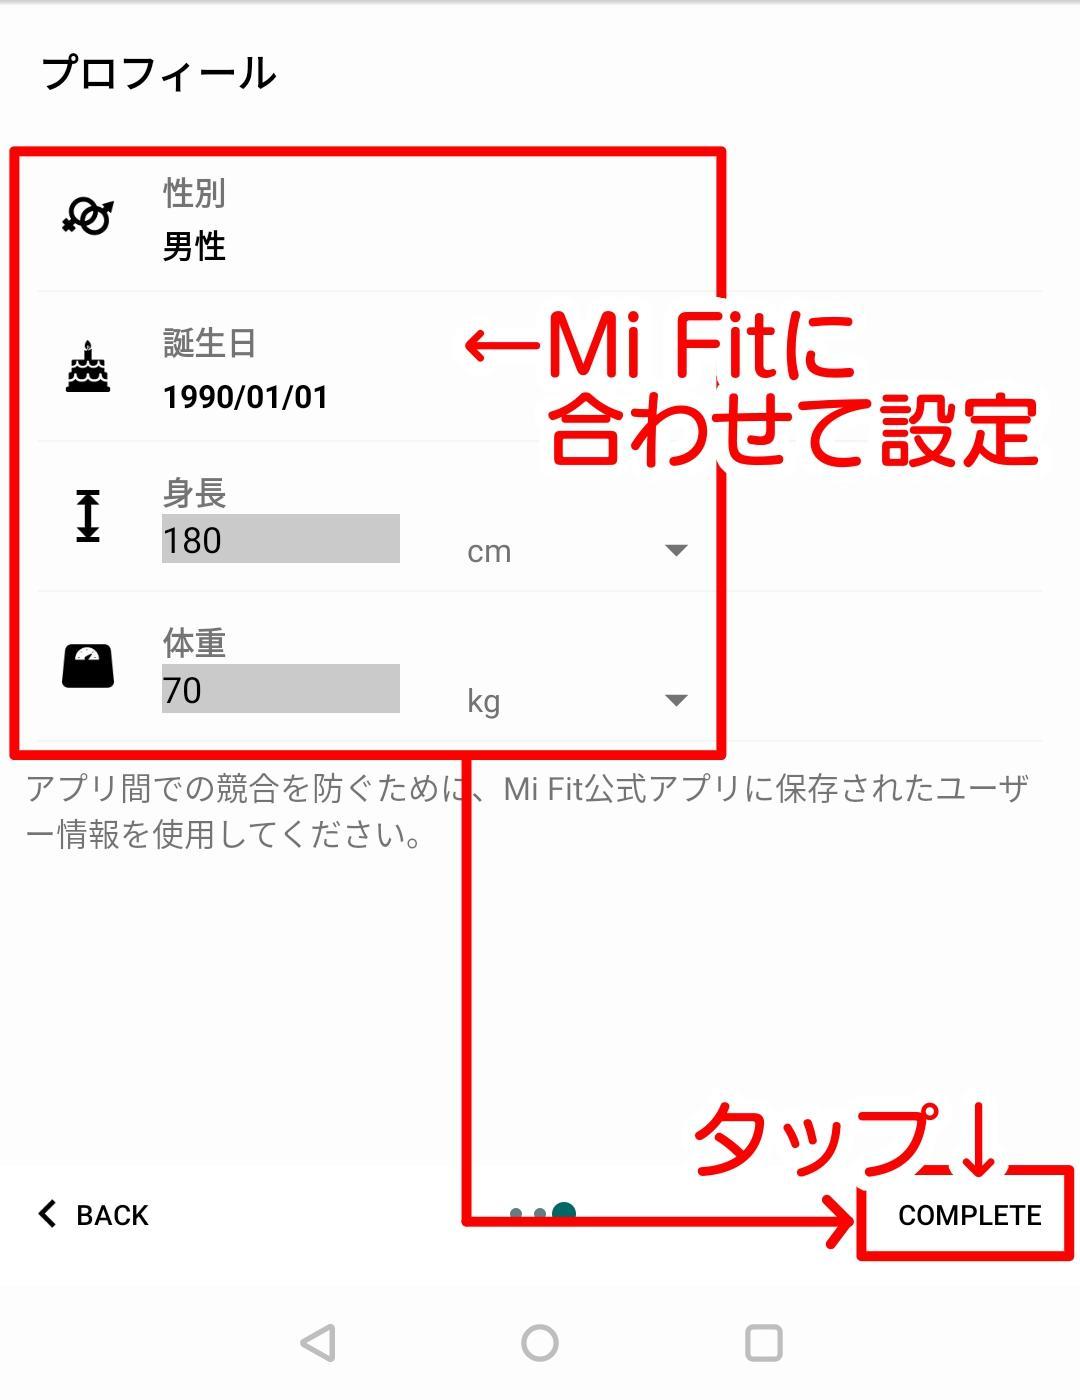 プロフィールをMi Fitに合わせて設定し「COMPLETE」をタップします